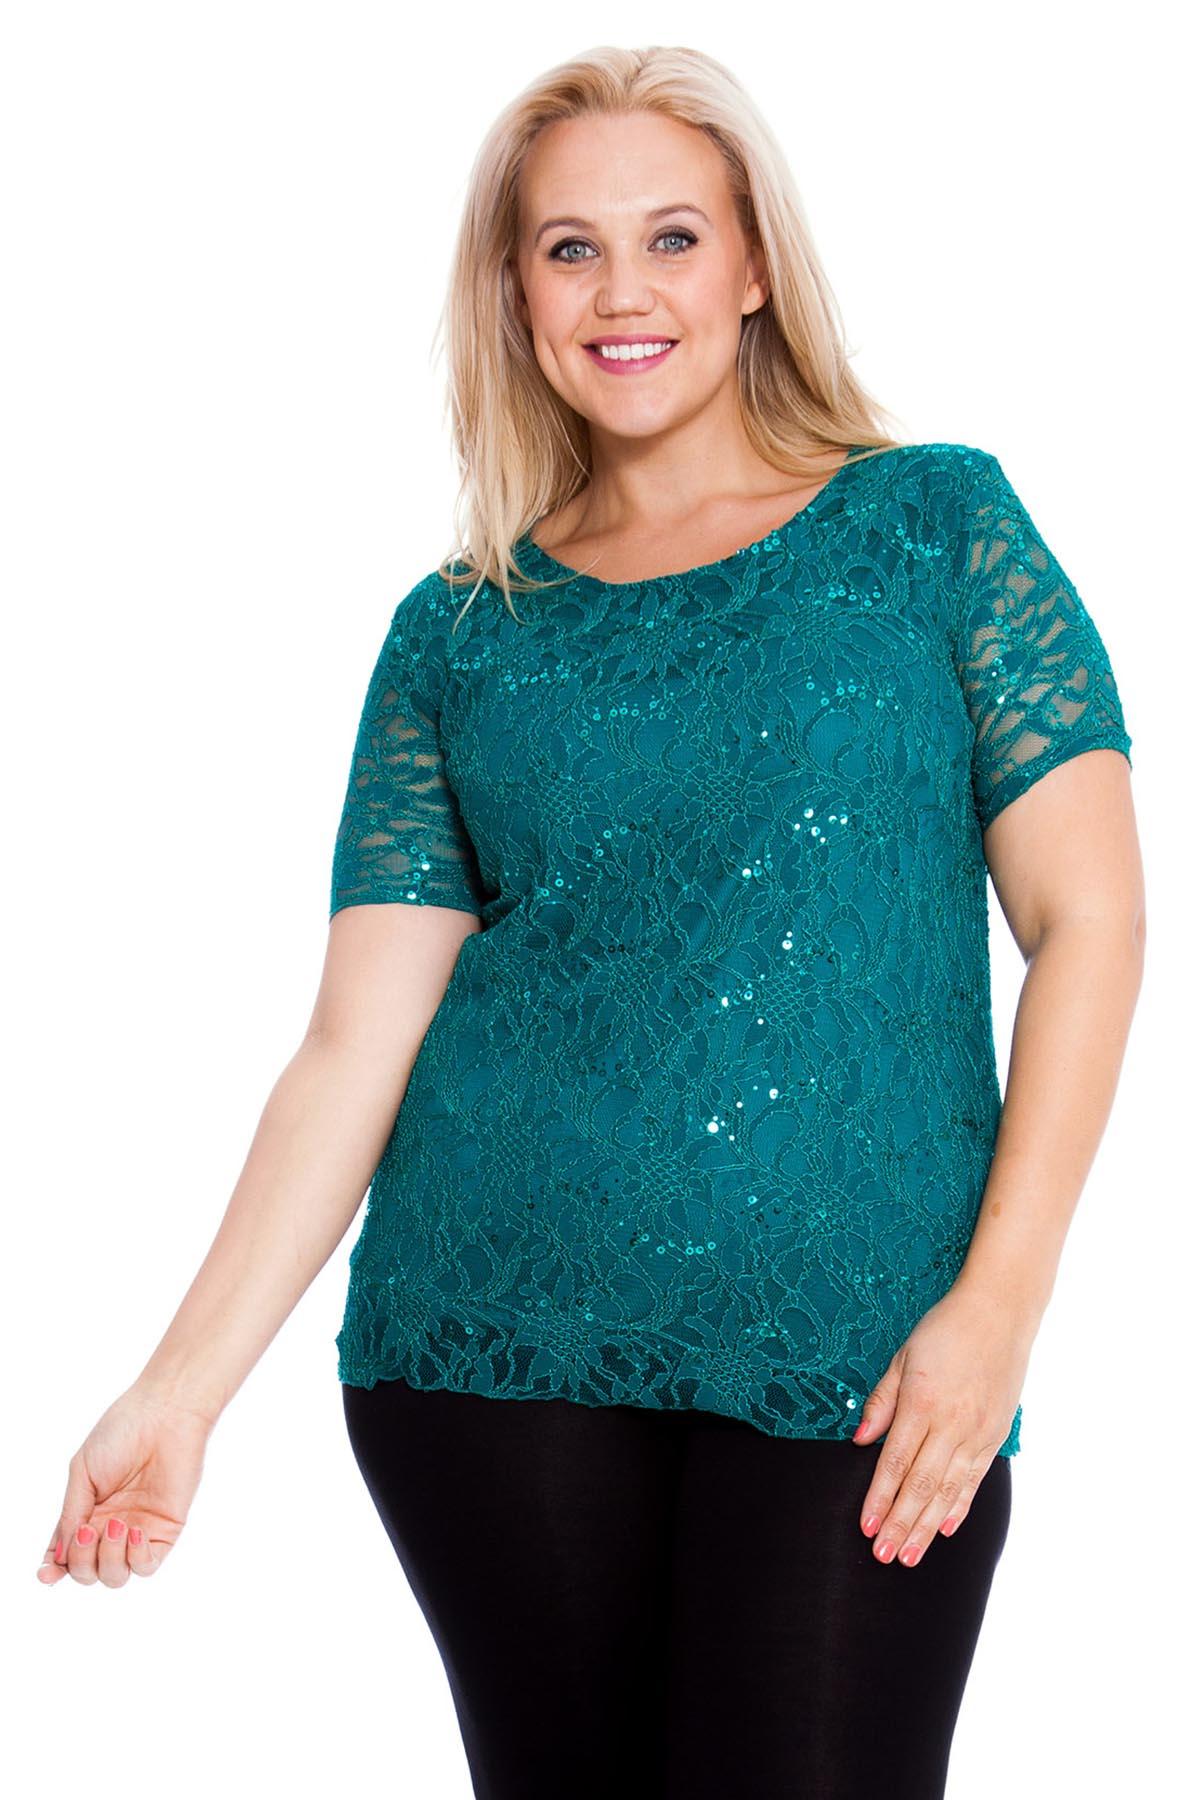 New-Ladies-Top-Plus-Size-Womens-Shirt-Tunic-Floral-Lace-Sequins-Party-Nouvelle